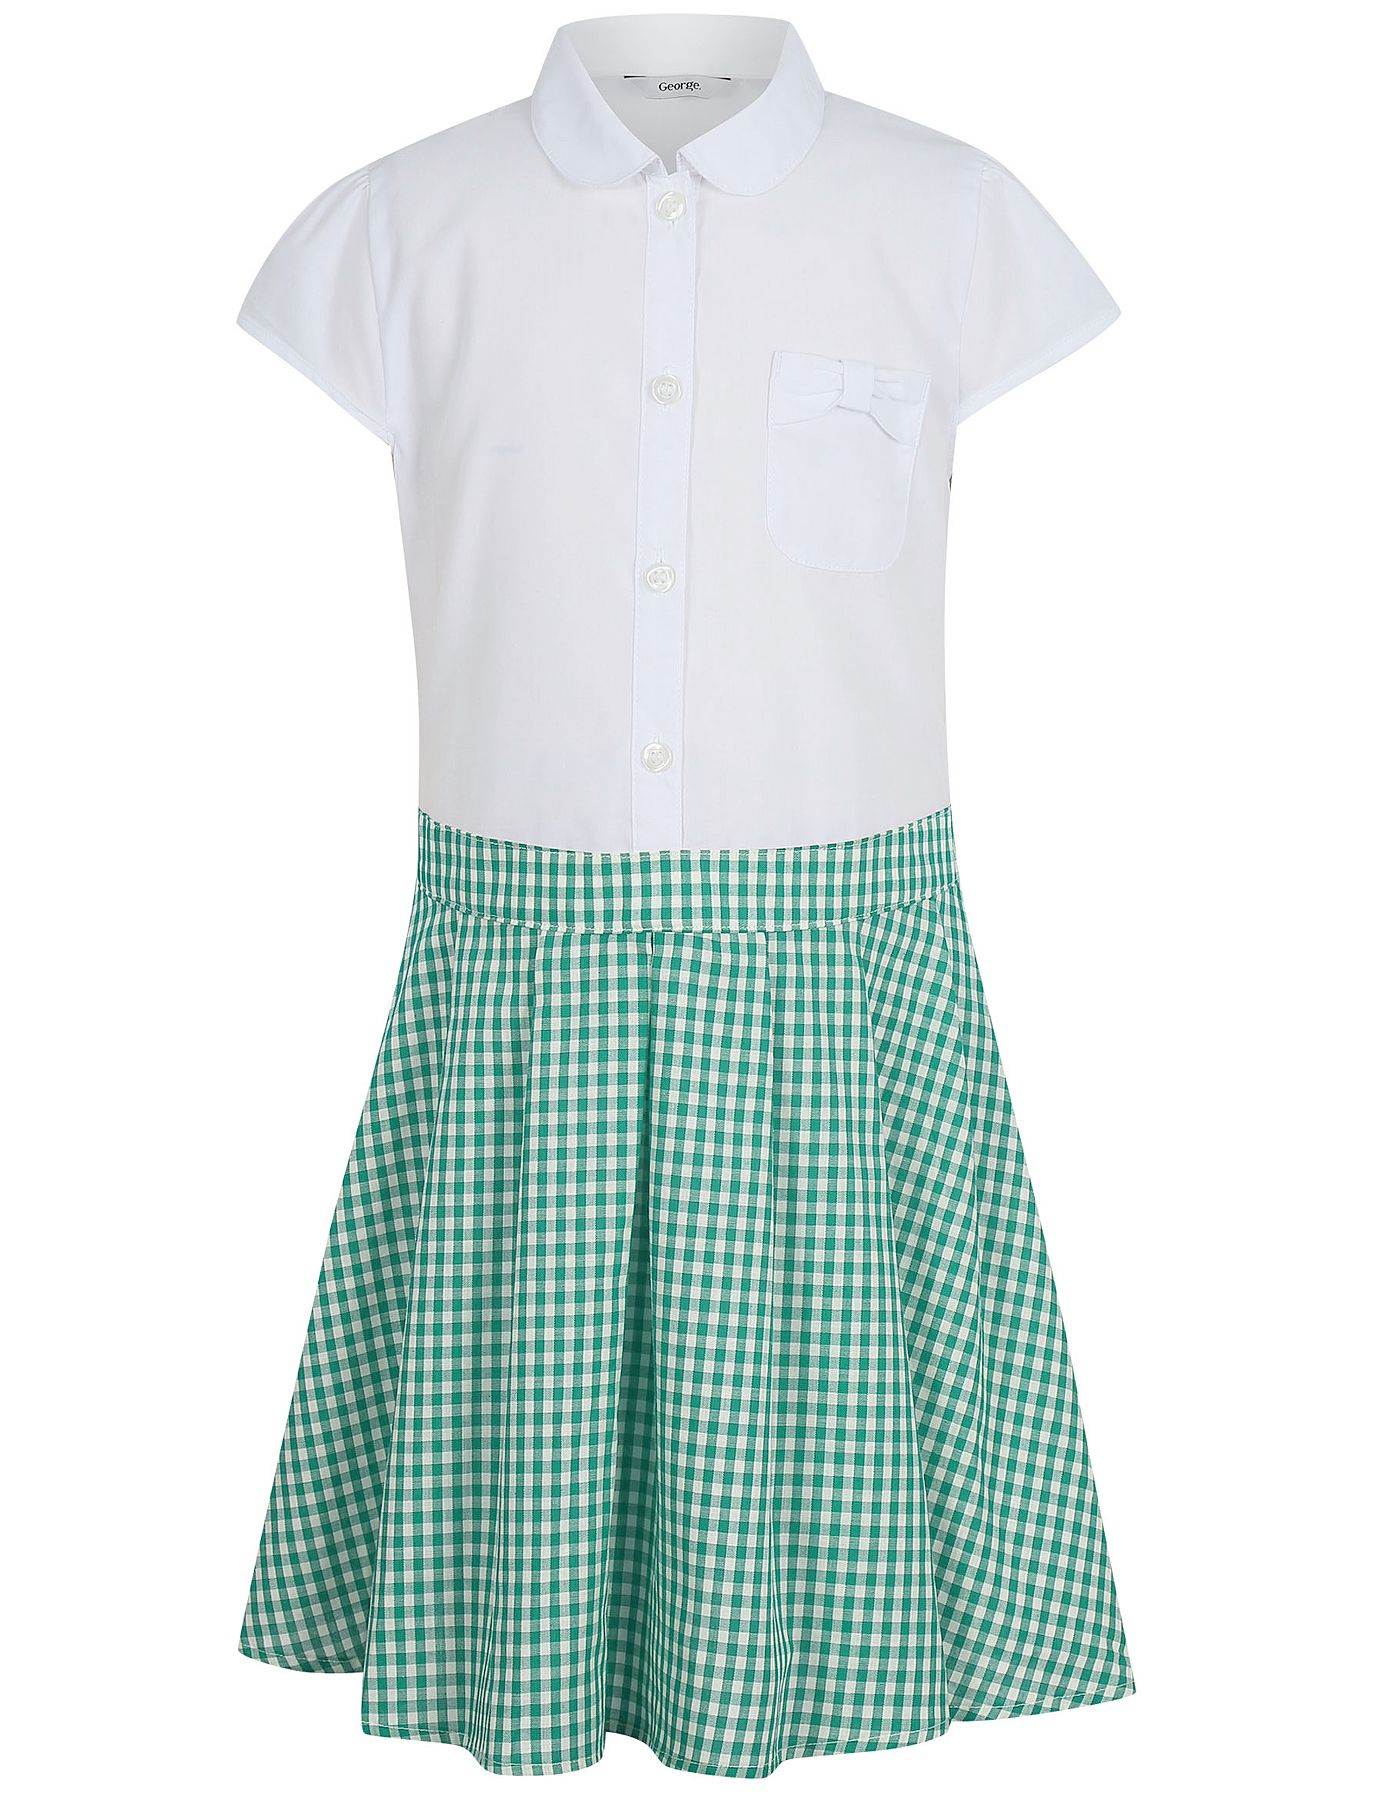 4a449dbc12 Girls School Gingham Dress – Green | School | George at ASDA ...